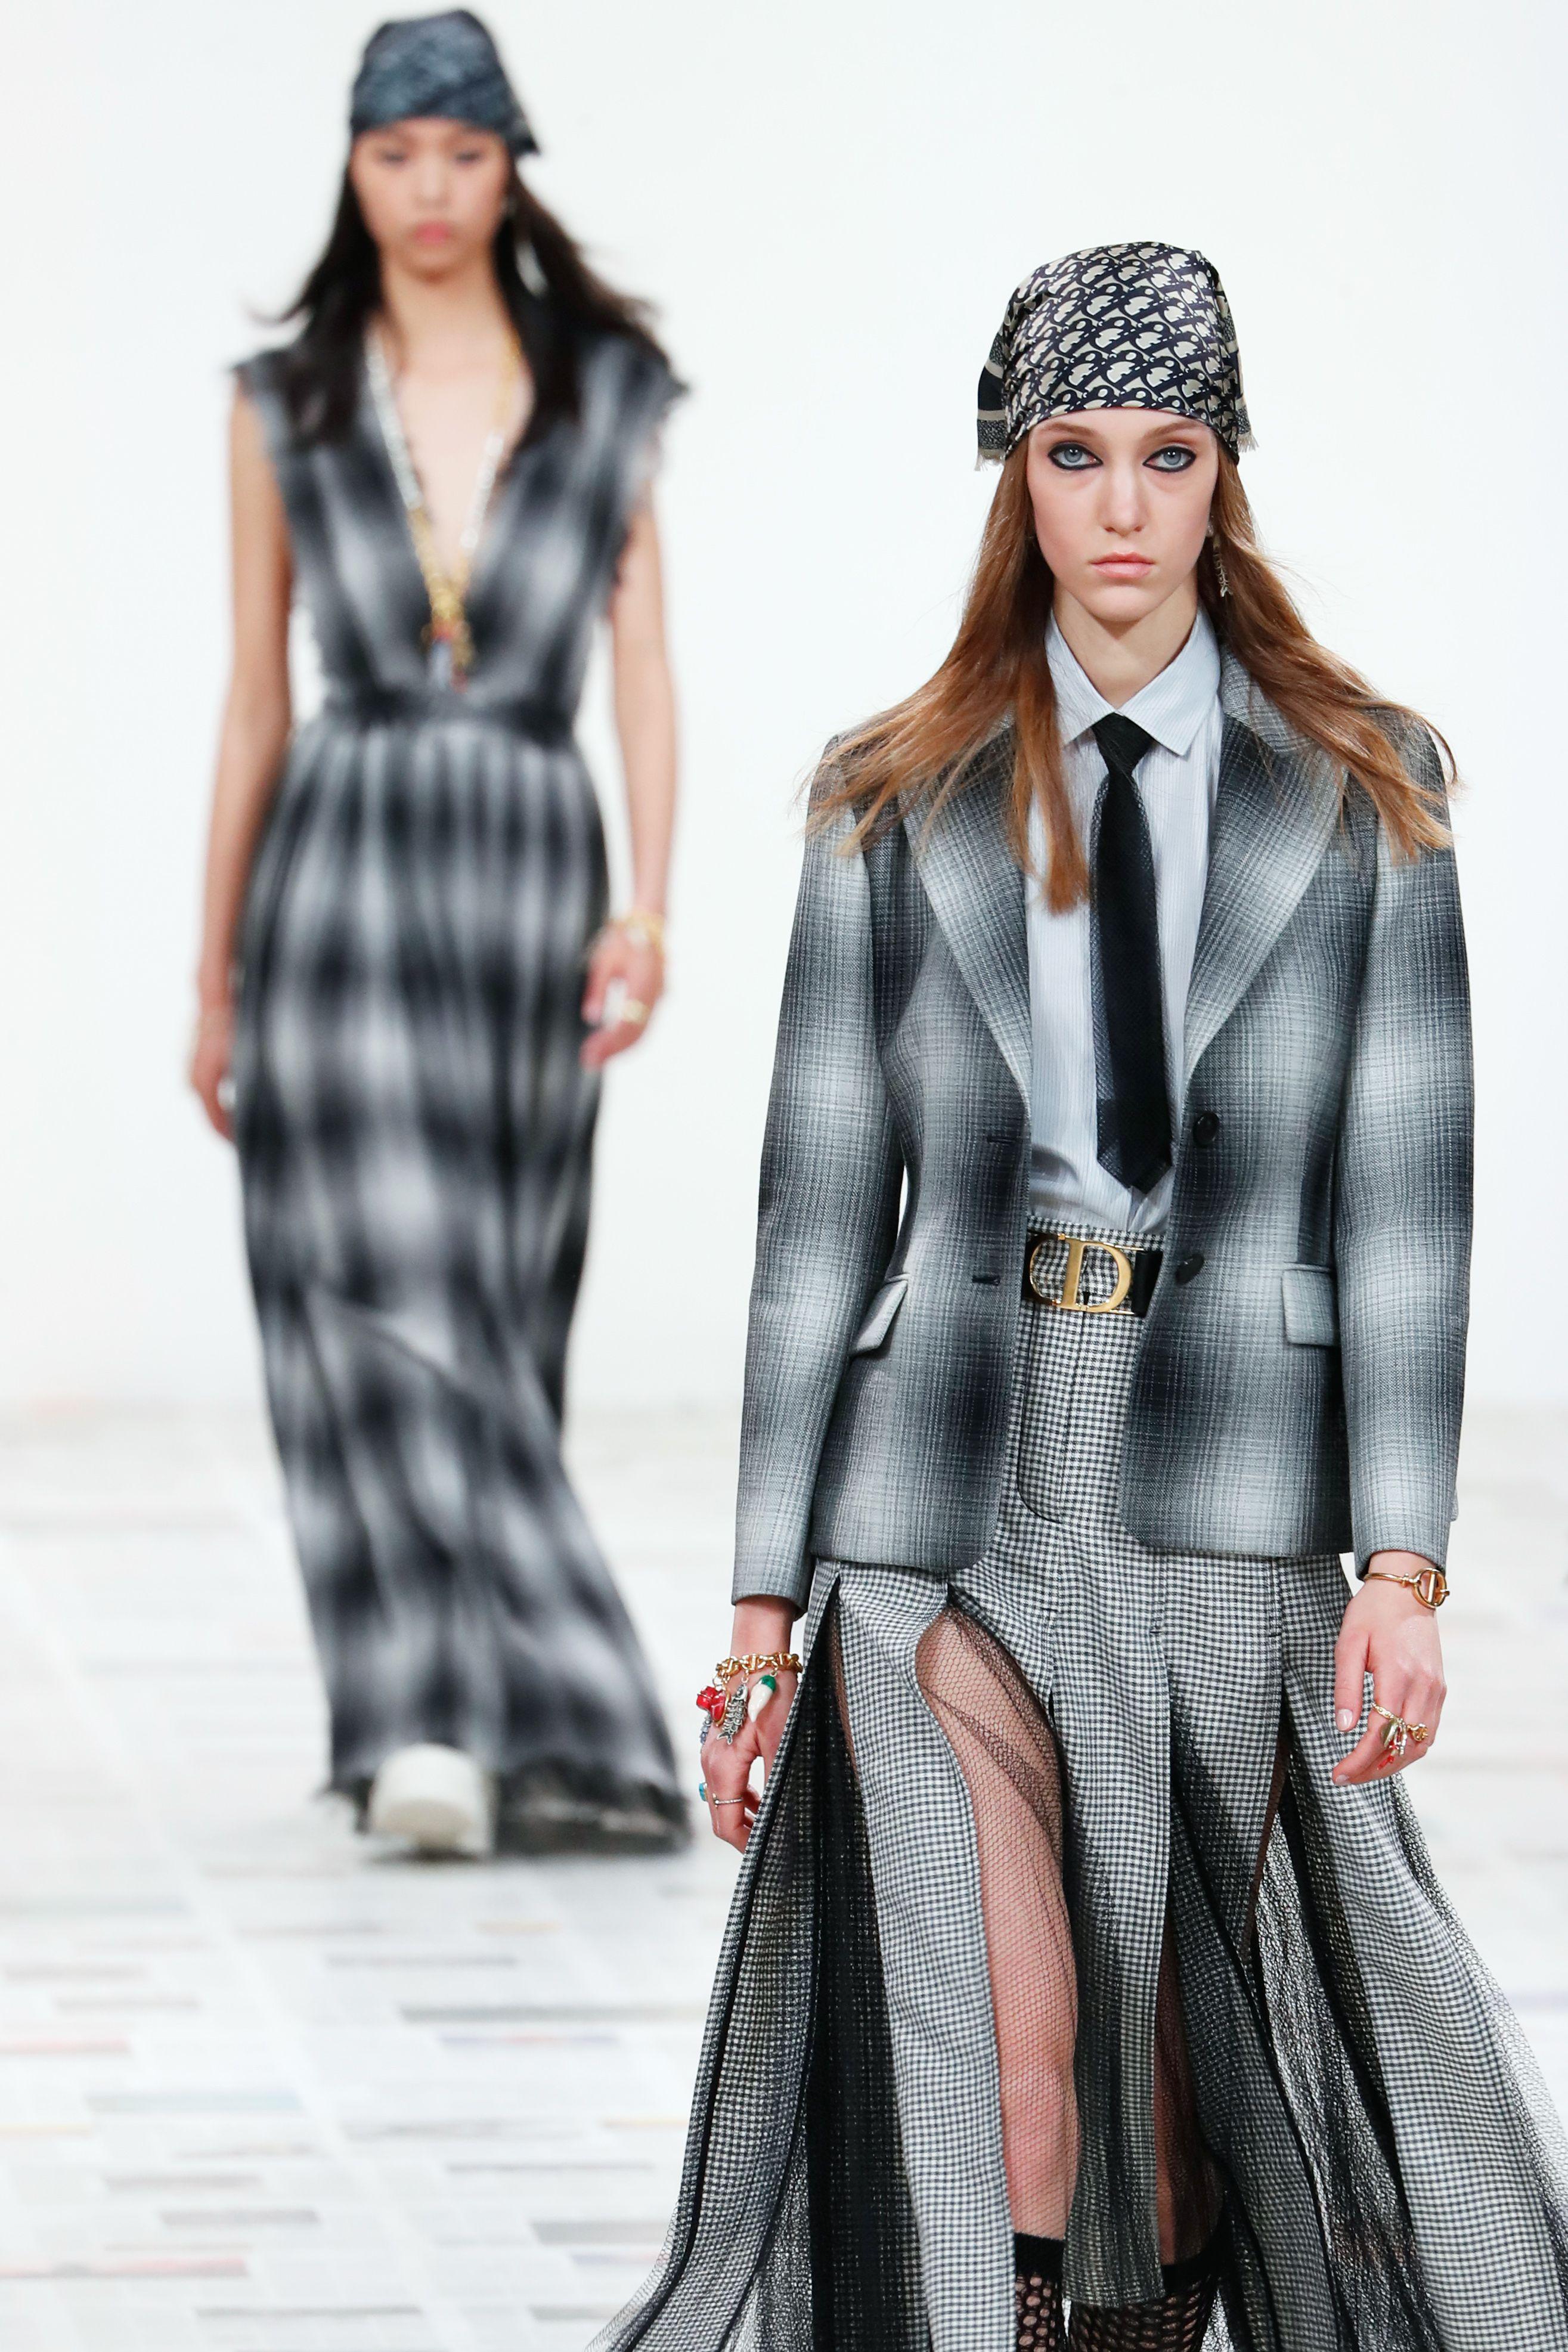 巴黎时装周——迪奥品牌时装秀